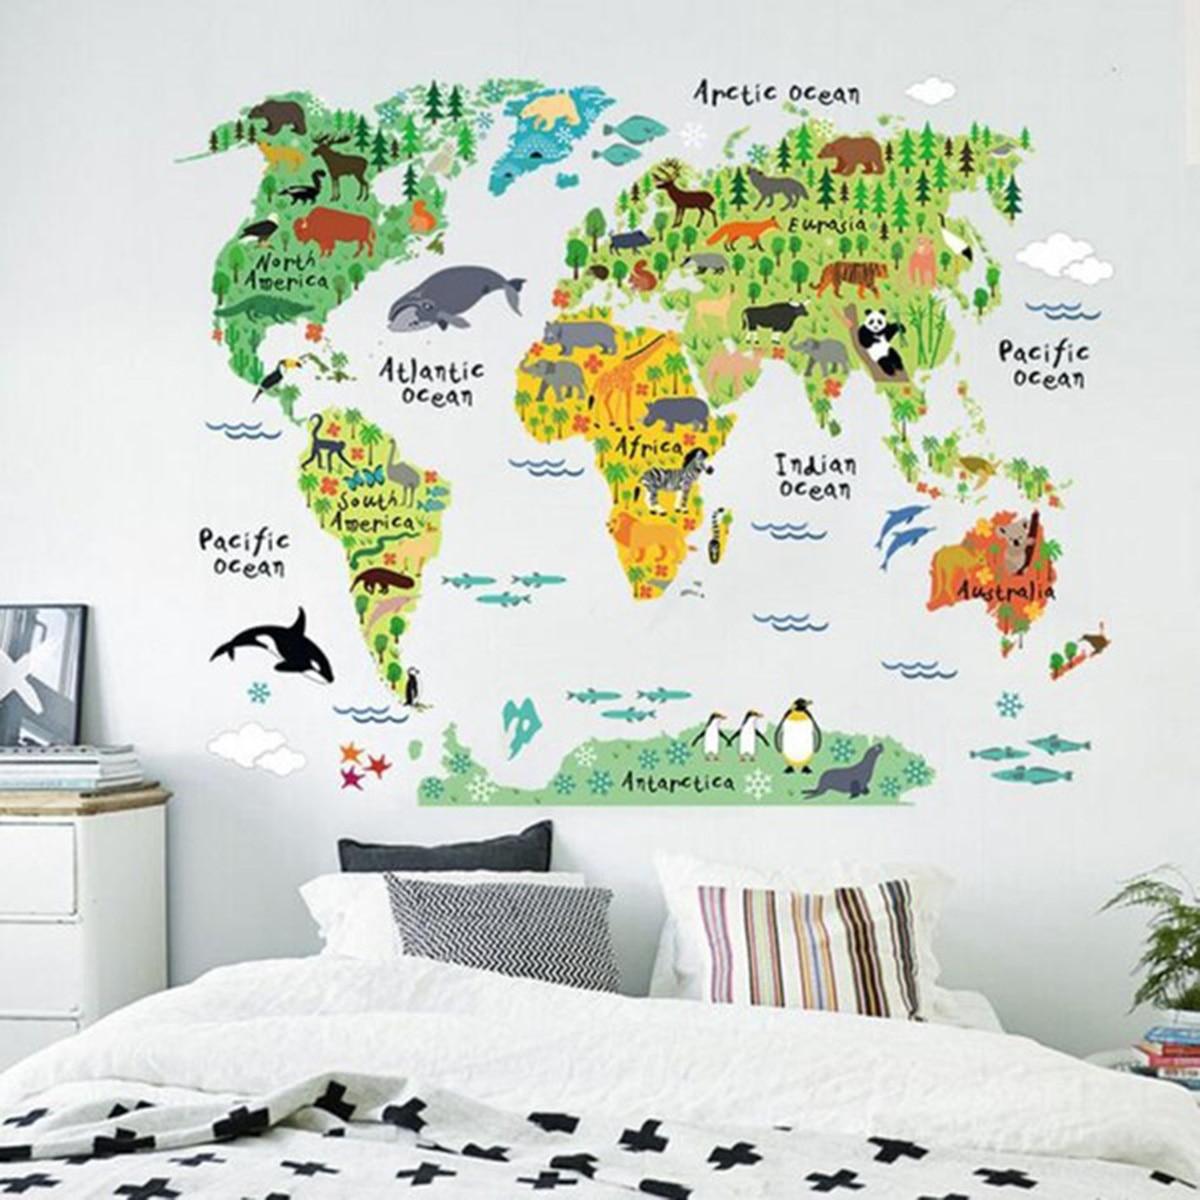 Grande crianças animais educativos mapa do mundo removível decalque arte mural decoração para casa adesivos de parede